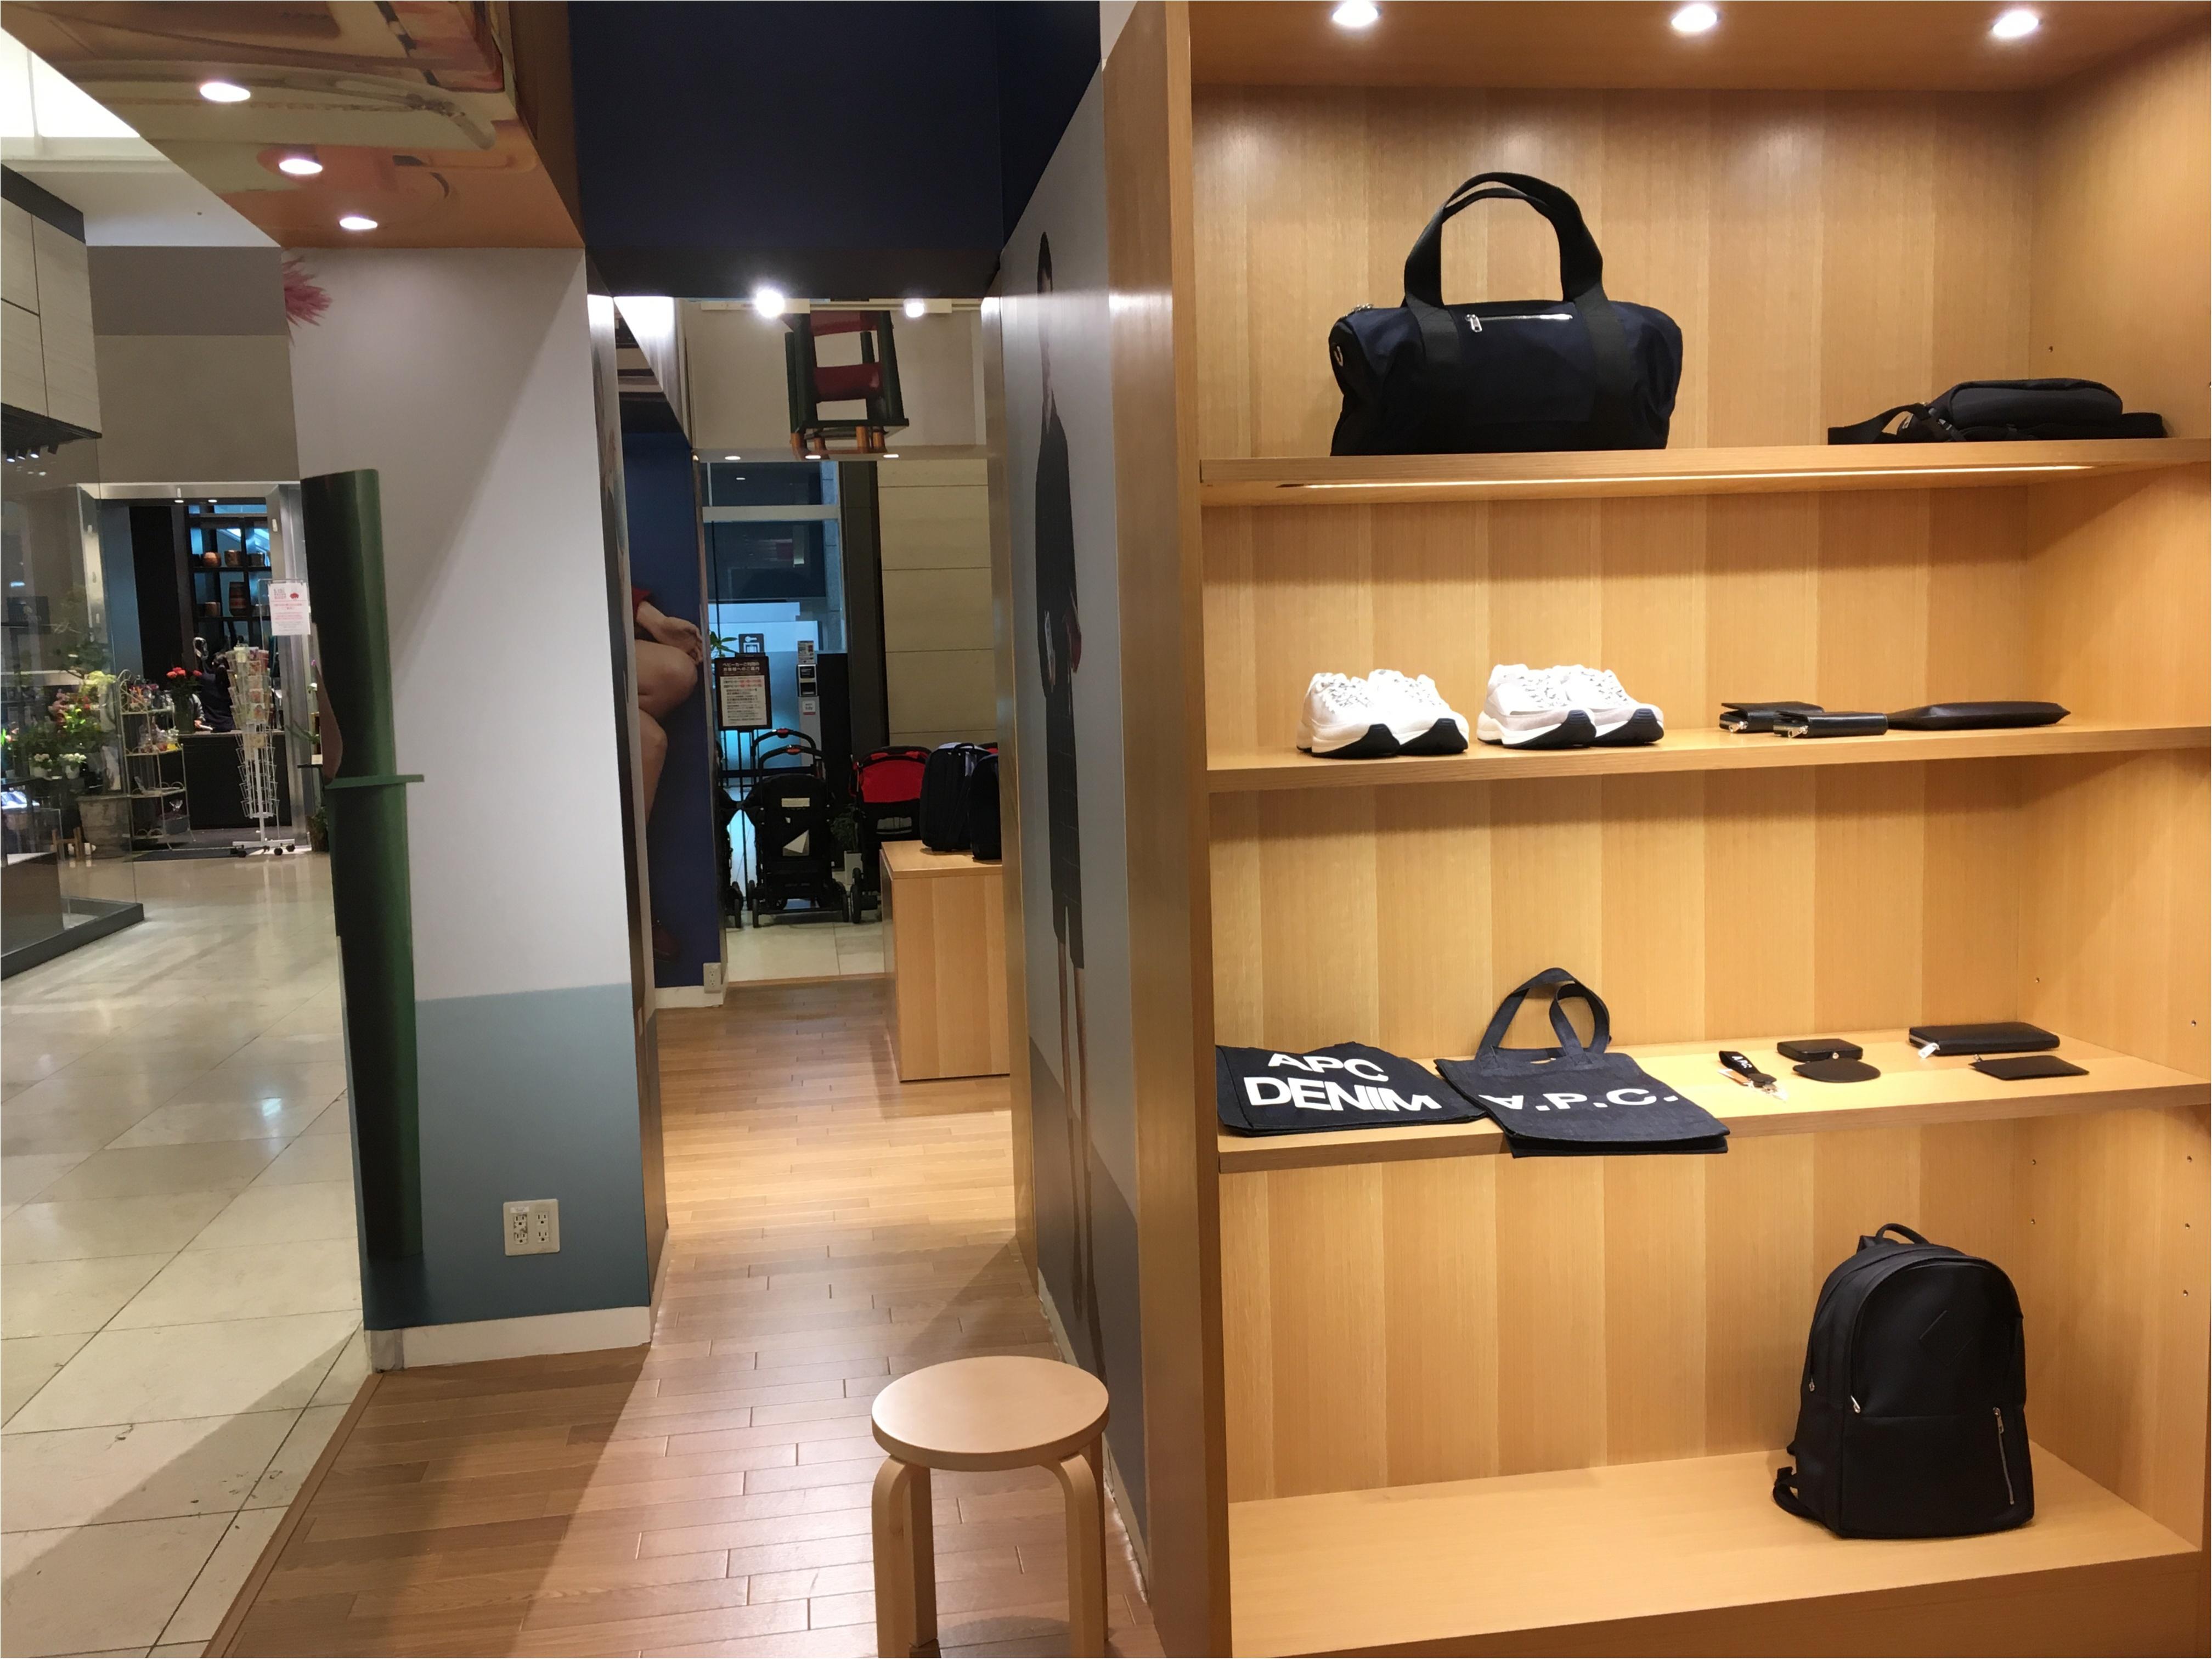 【今日から♡】A.P.C.限定バッグ&ウォレットが新宿タカシマヤで発売開始‼︎_4